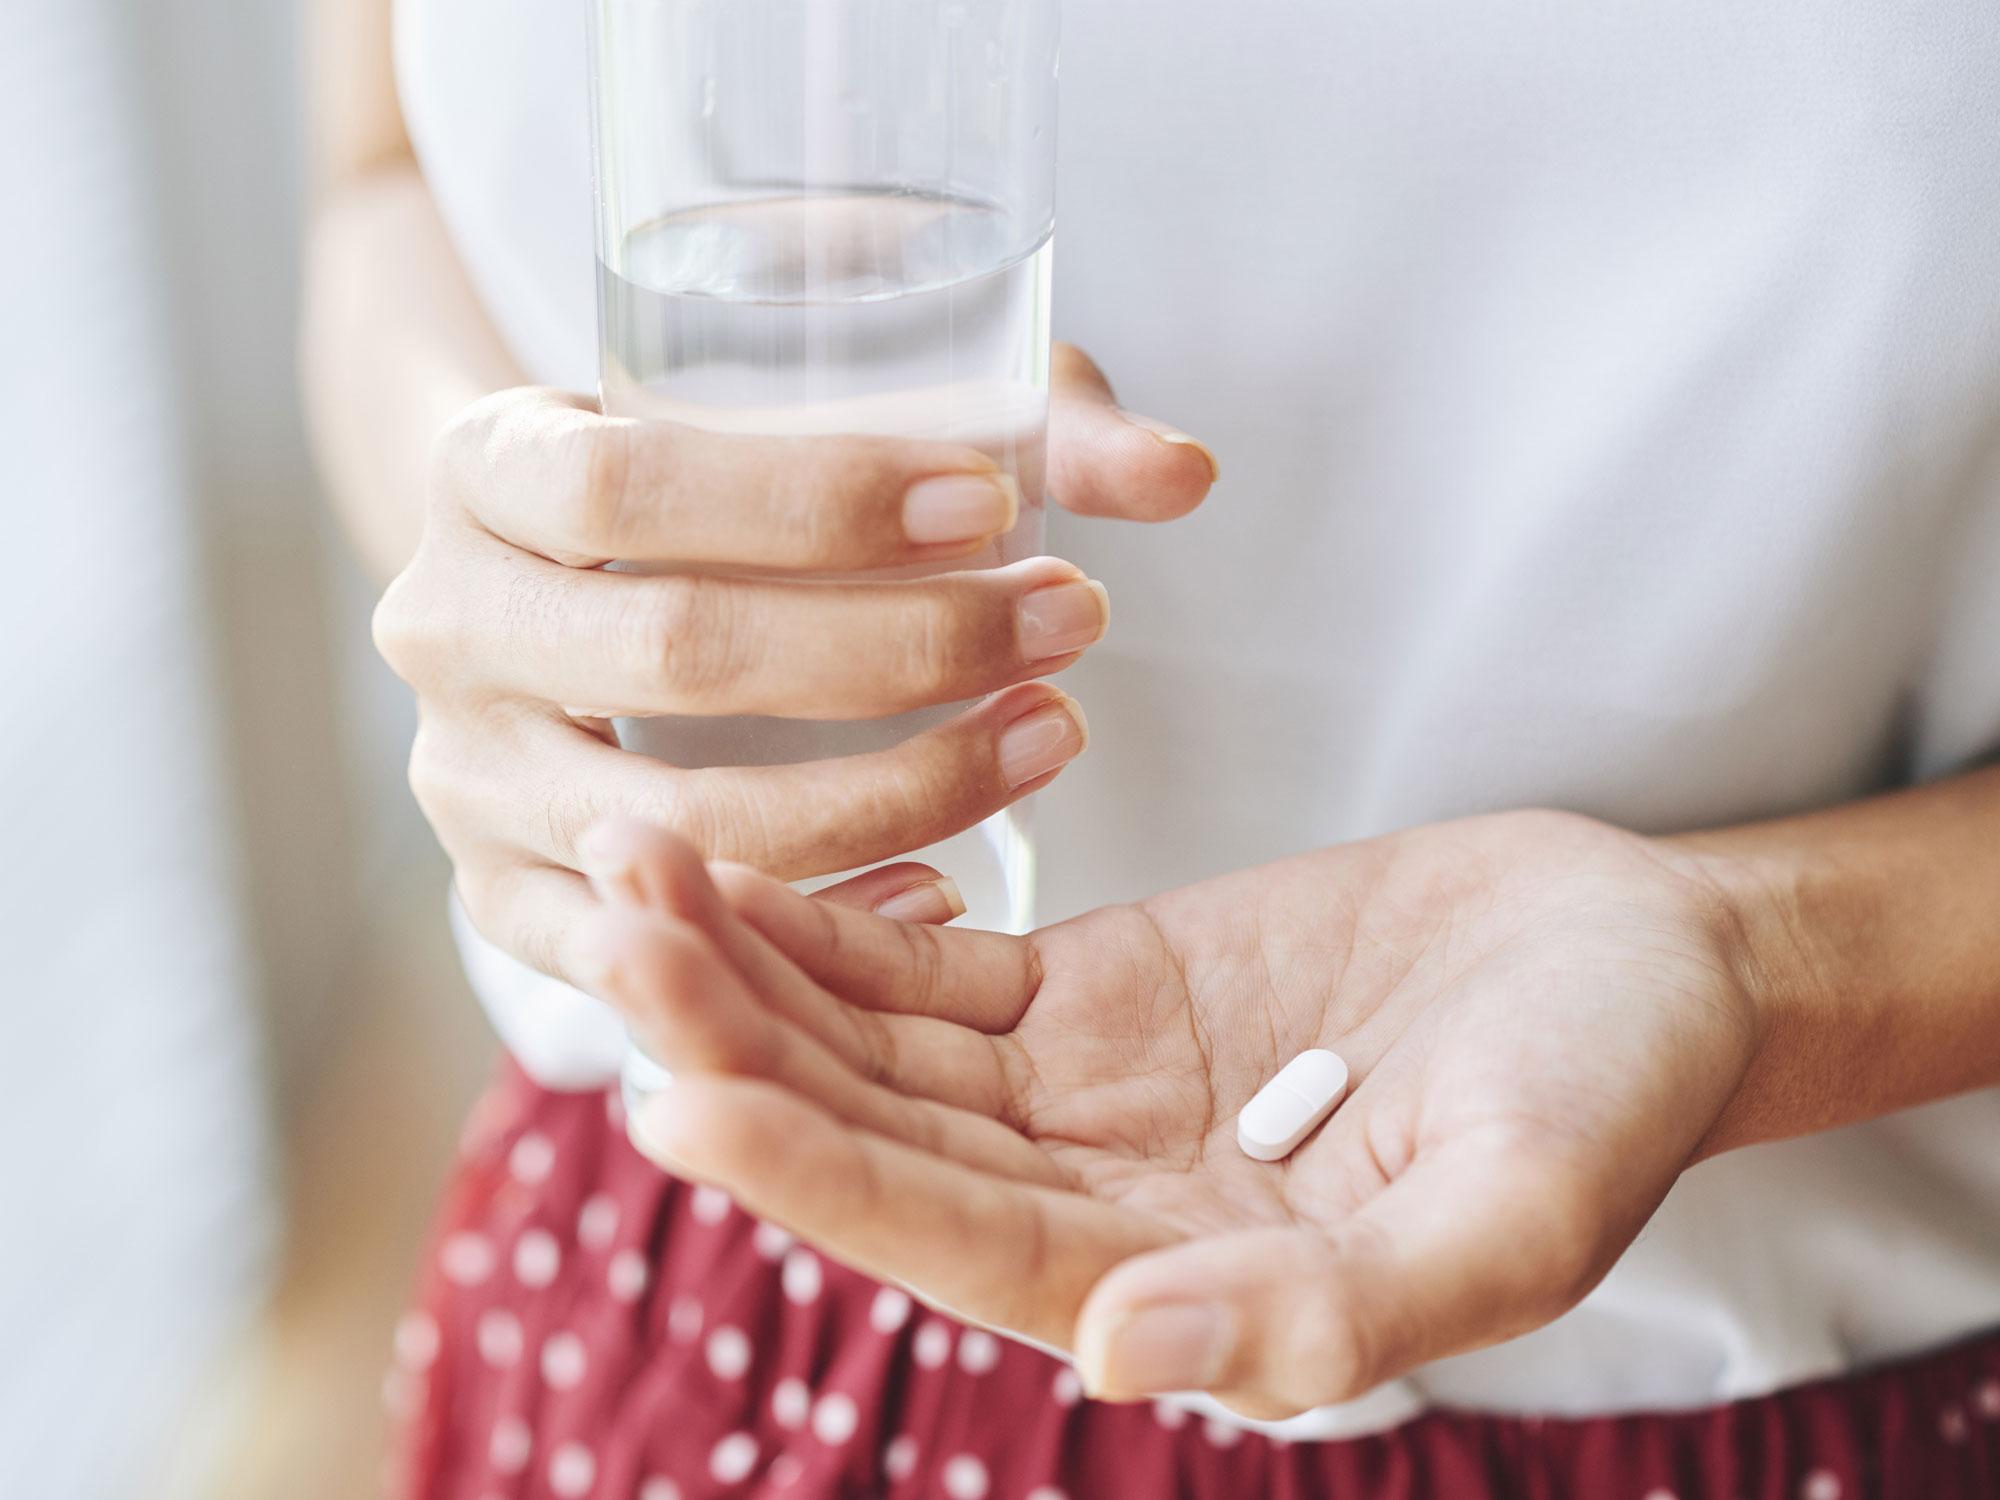 Ärzte verordnen zu oft Reserveantibiotika